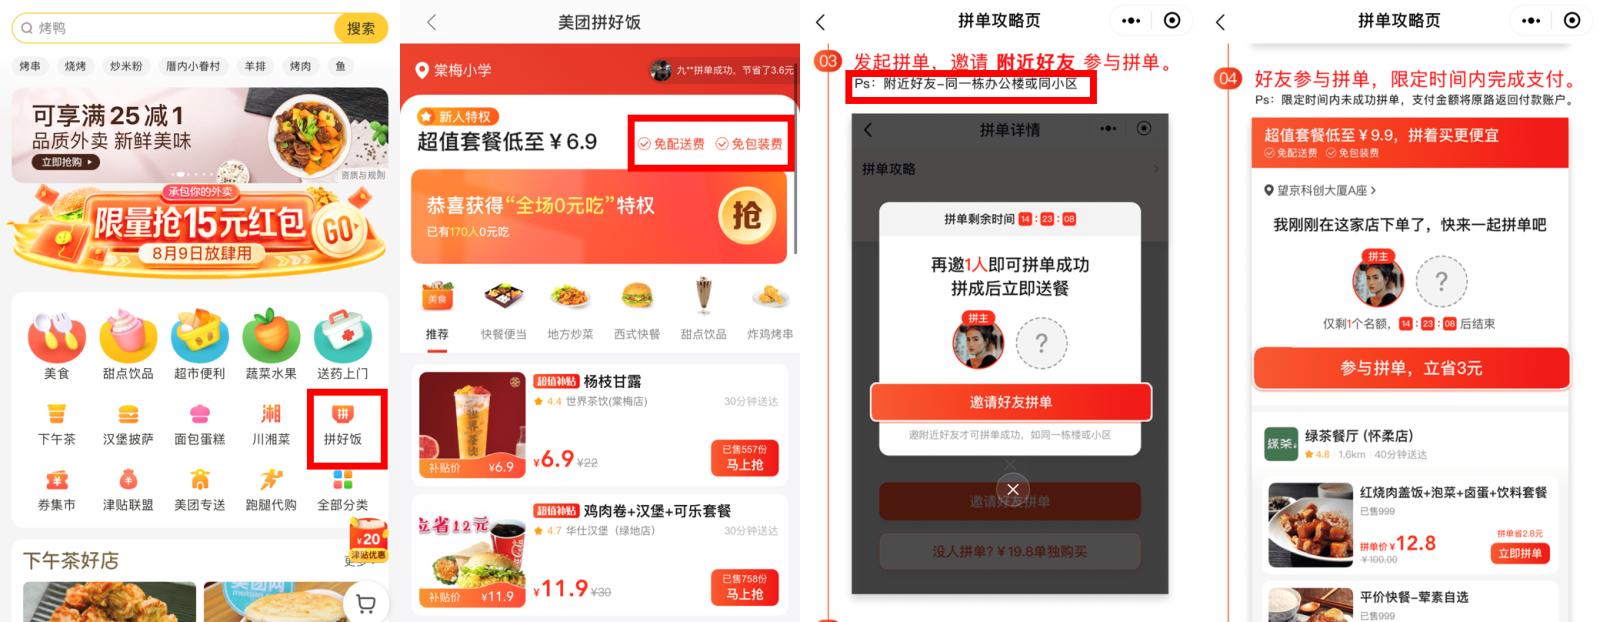 """内测外卖特价版""""拼好饭"""",美团""""吃""""的生意要走差异化"""